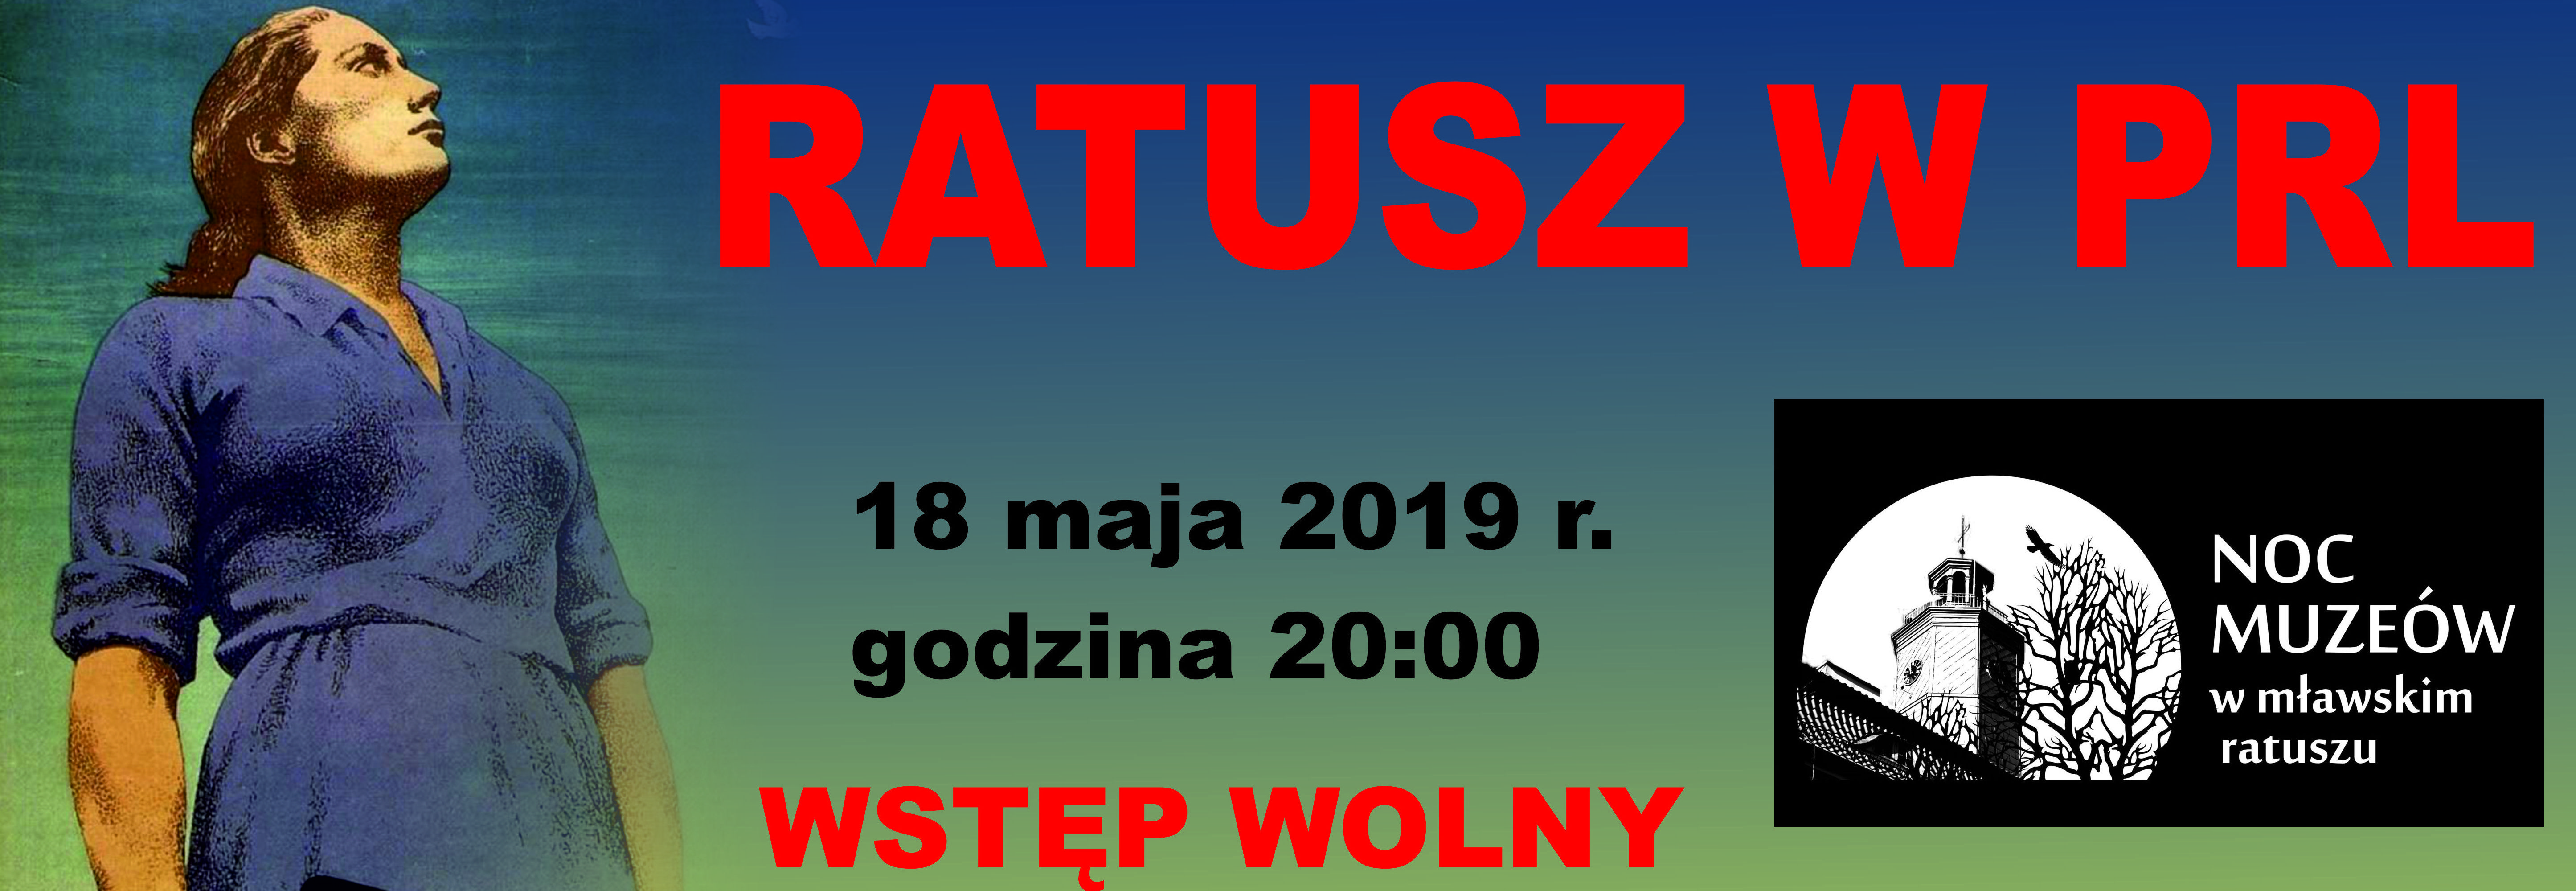 Noc Muzeów 2019 program atrakcje muzea Mława